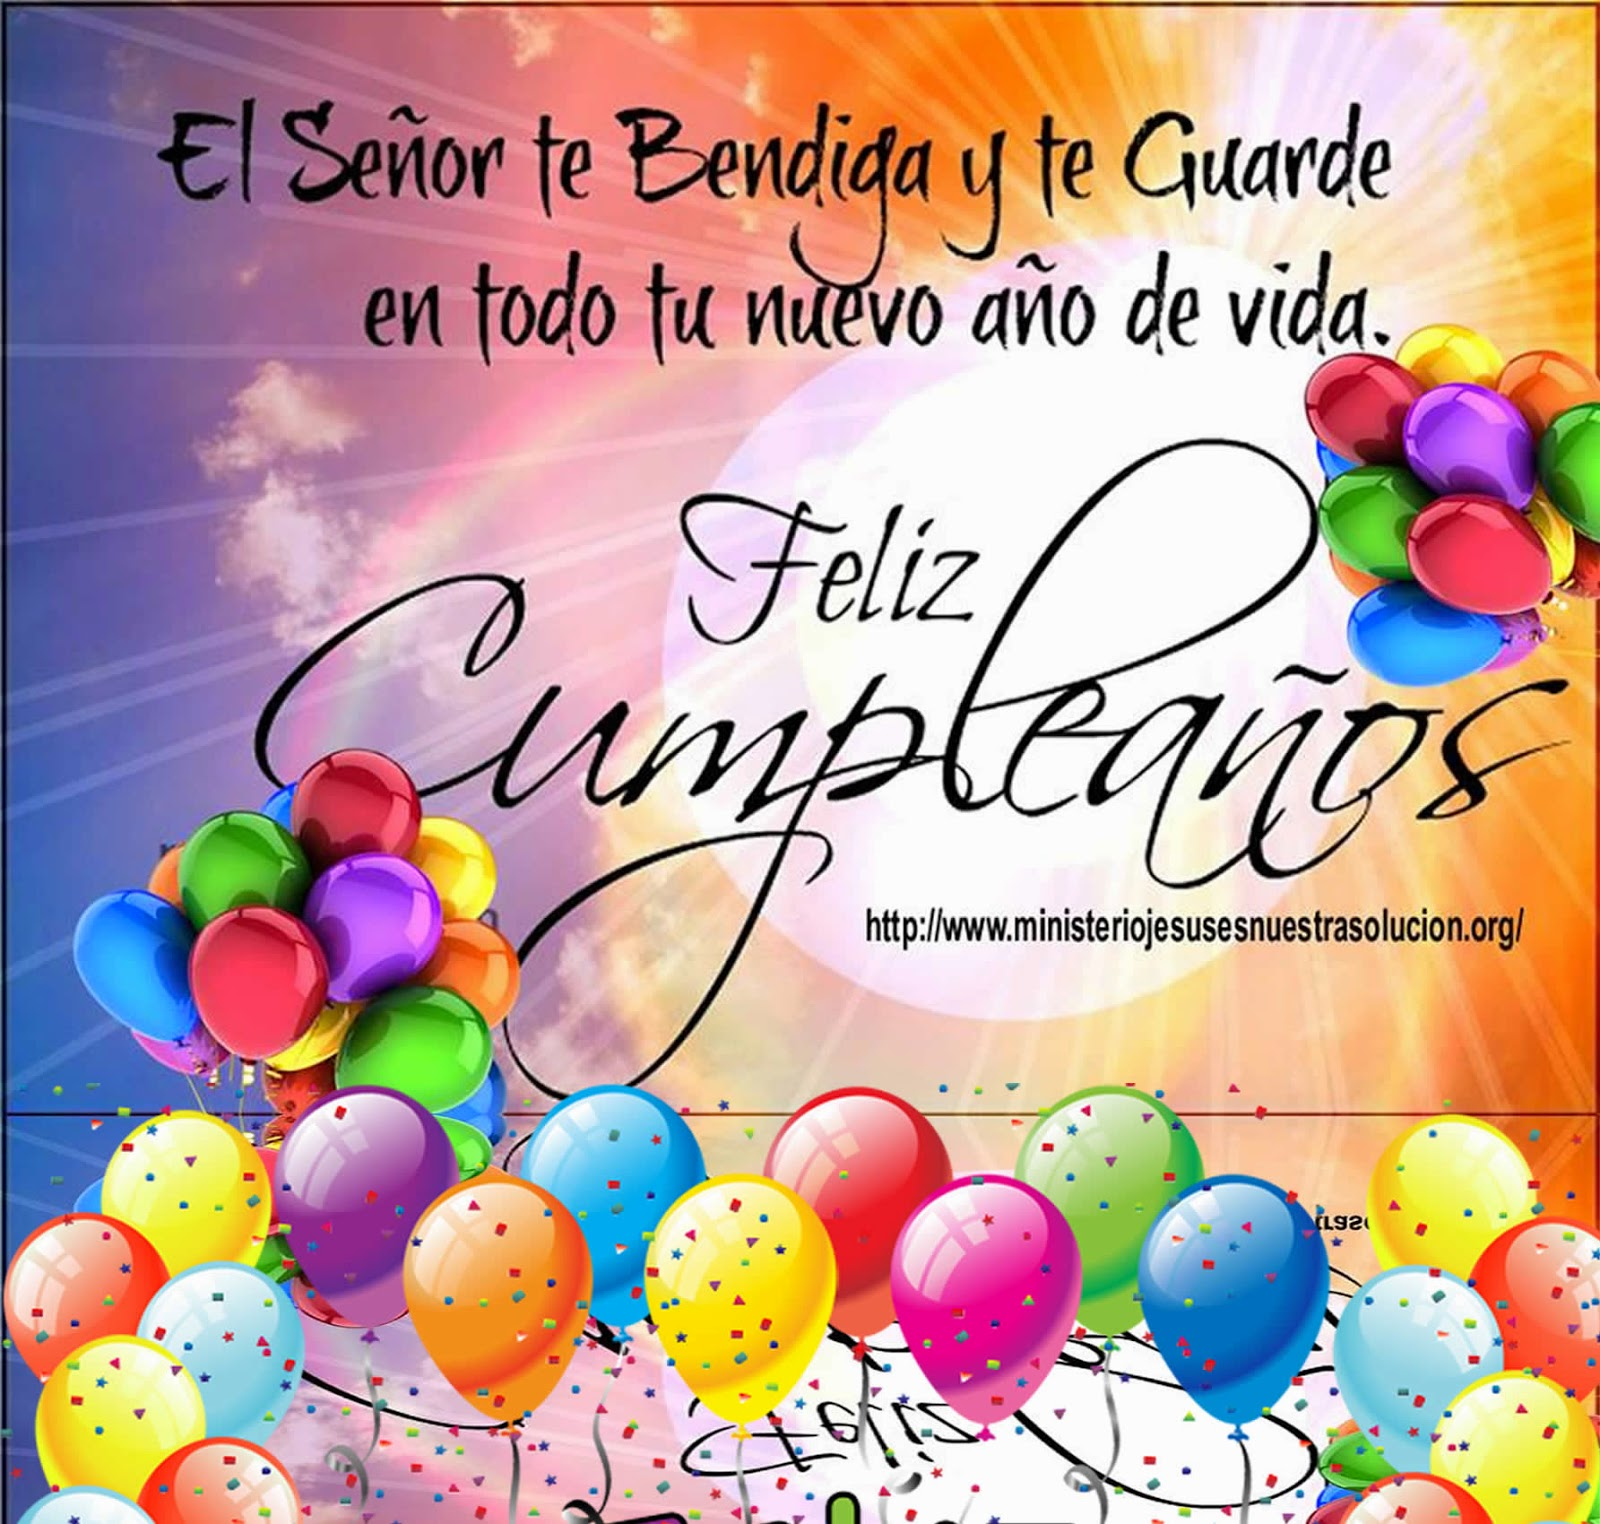 Feliz cumpleaños Thaium21